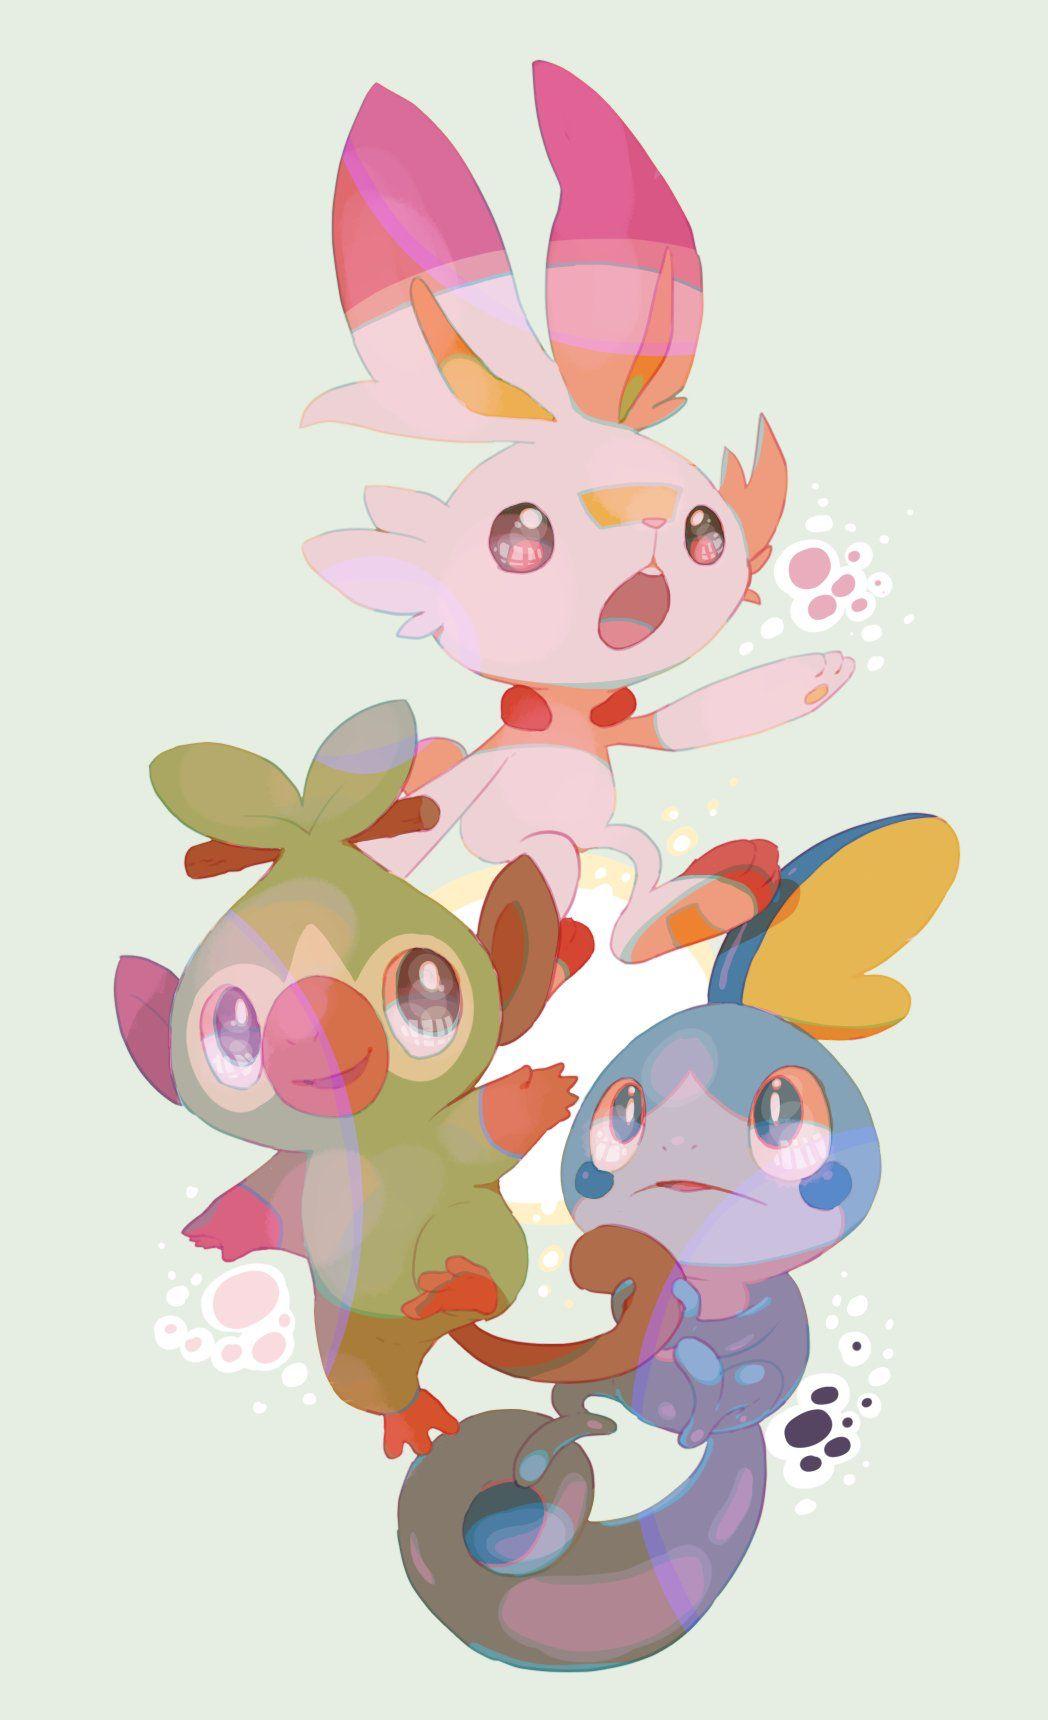 Pokemon by GracieVeeVee on Pokémon Cute pokemon, Pikachu